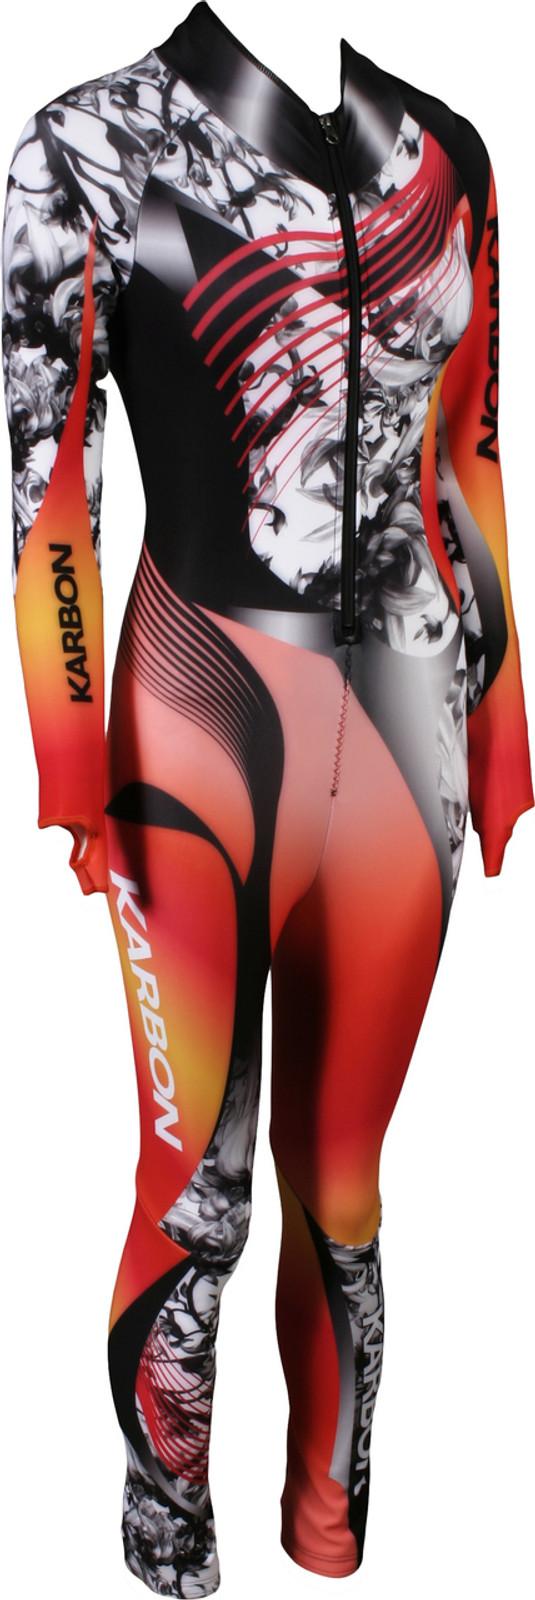 Karbon EMPRESS GS Race Suit